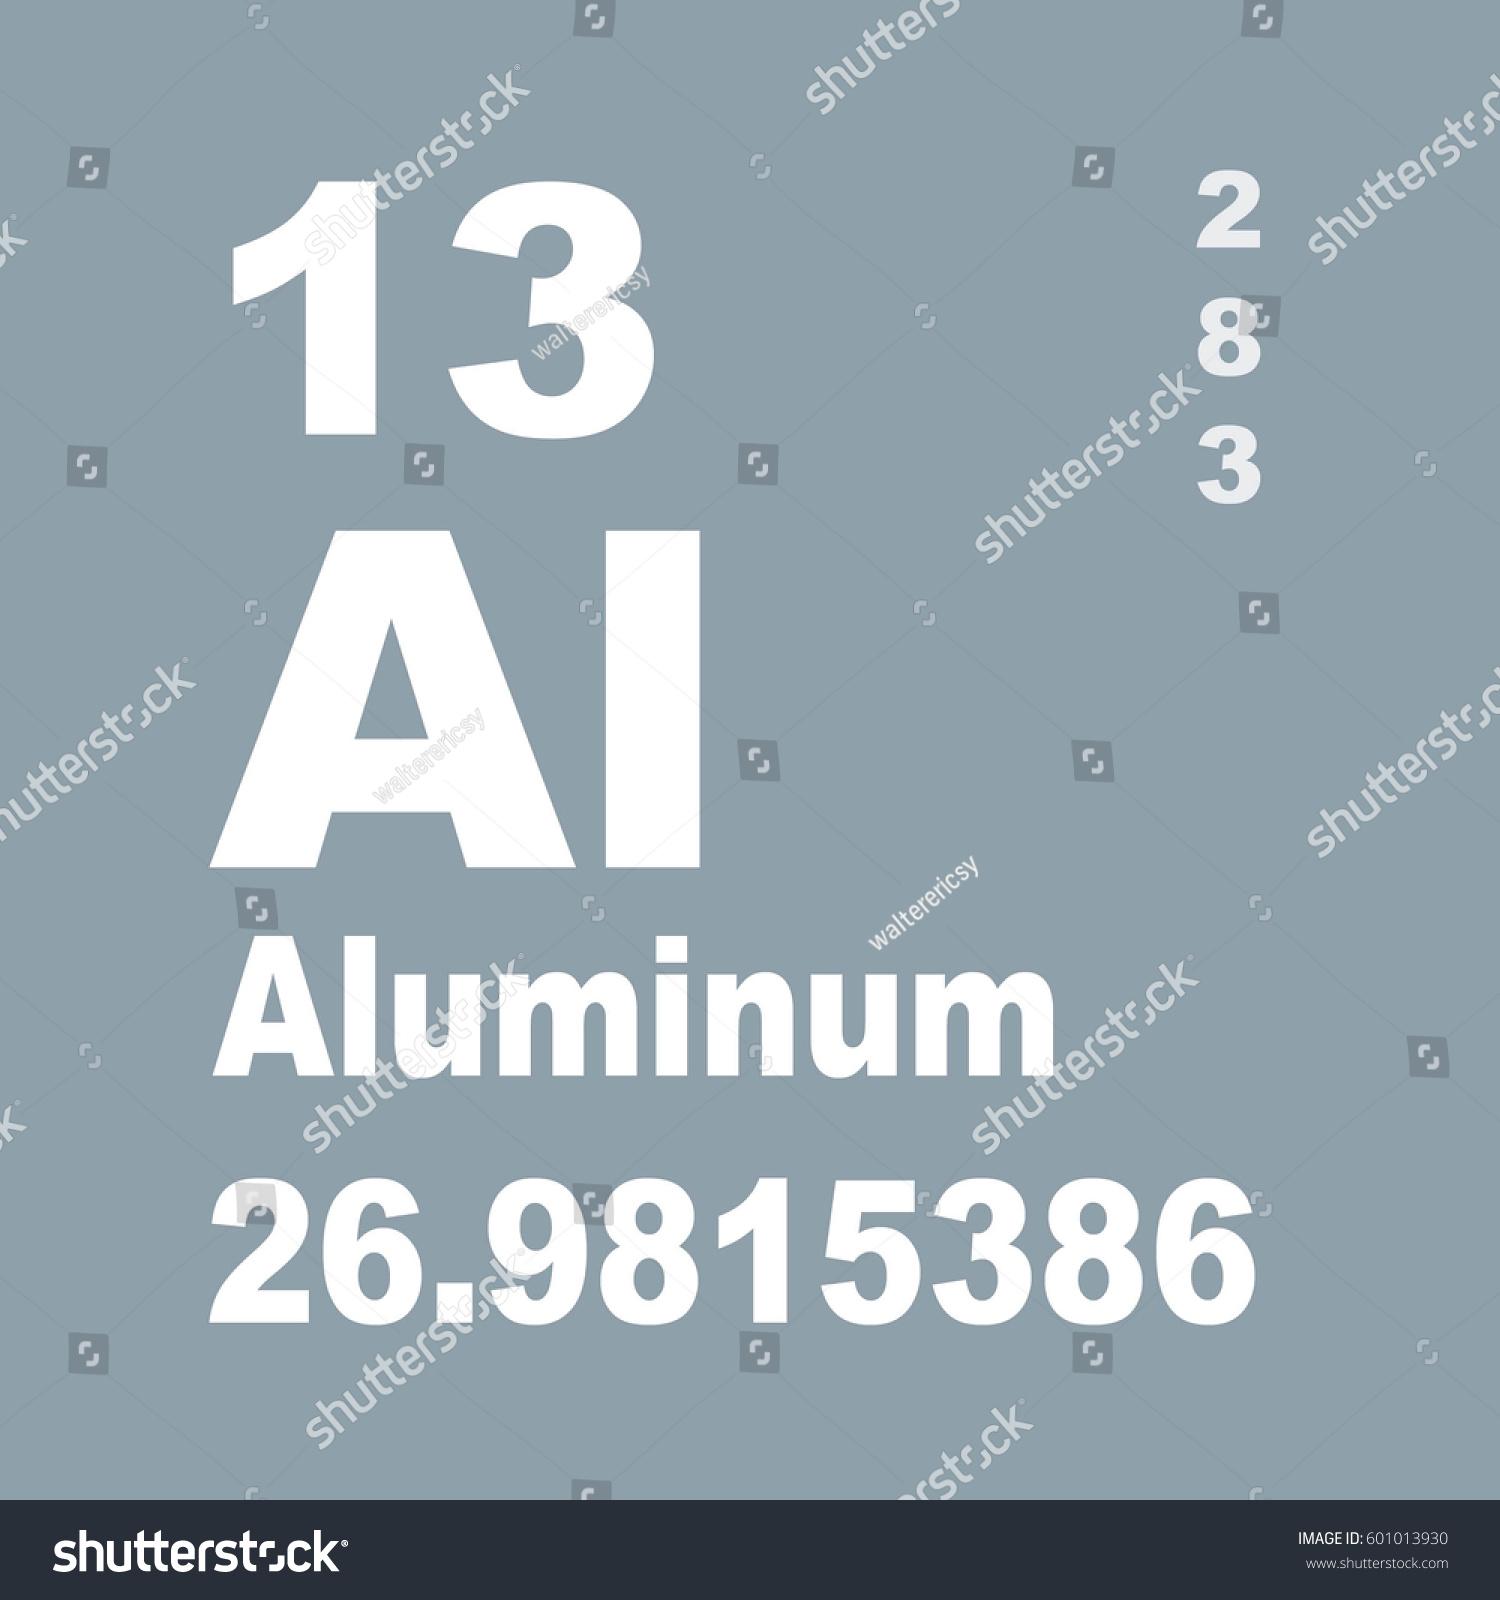 Aluminum periodic table images periodic table images aluminum periodic table elements stock illustration 601013930 aluminum periodic table of elements gamestrikefo images gamestrikefo Image collections